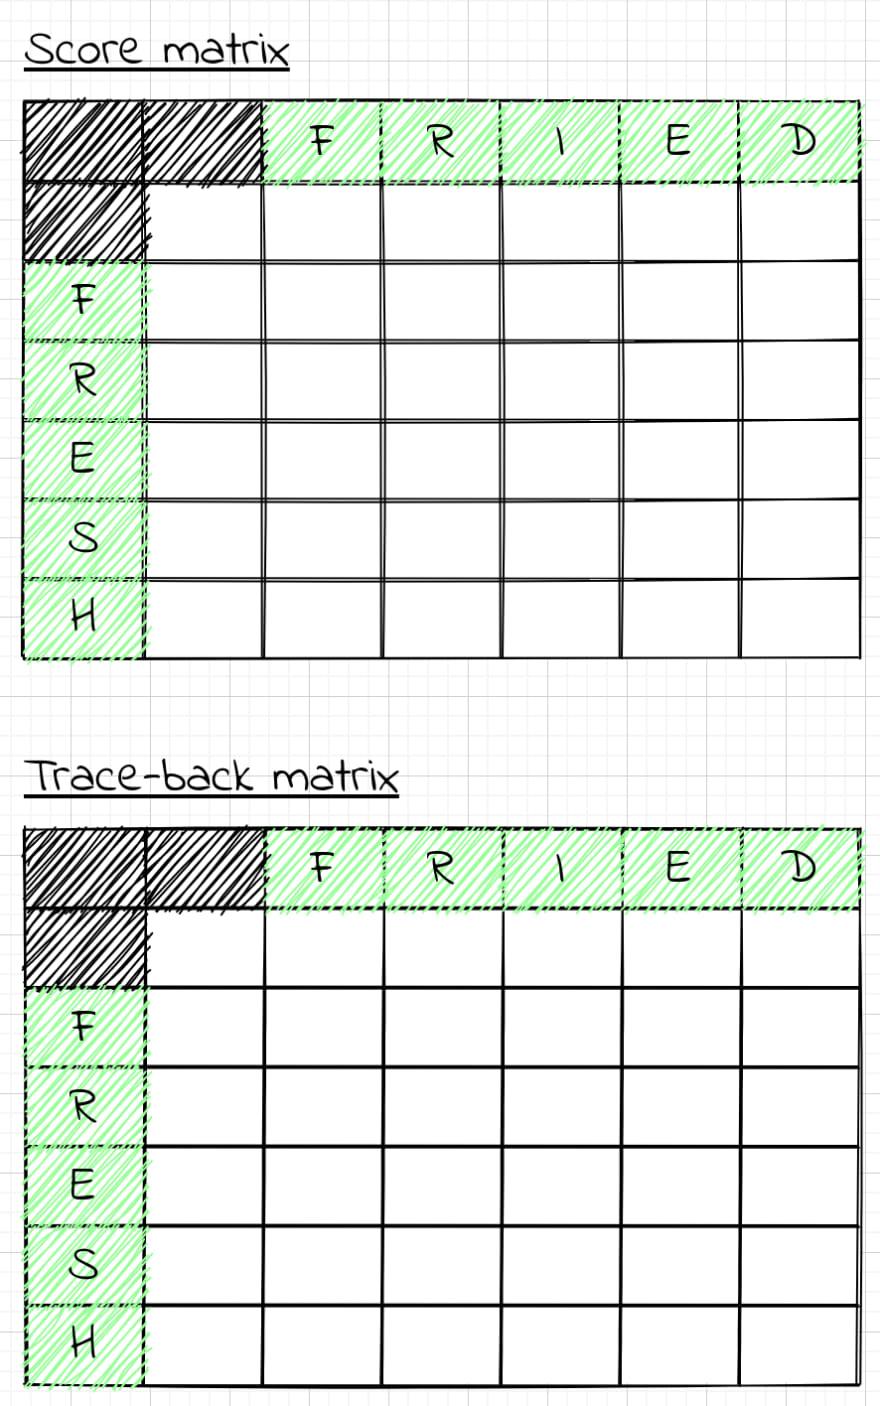 Score matrix and trace-back matrix